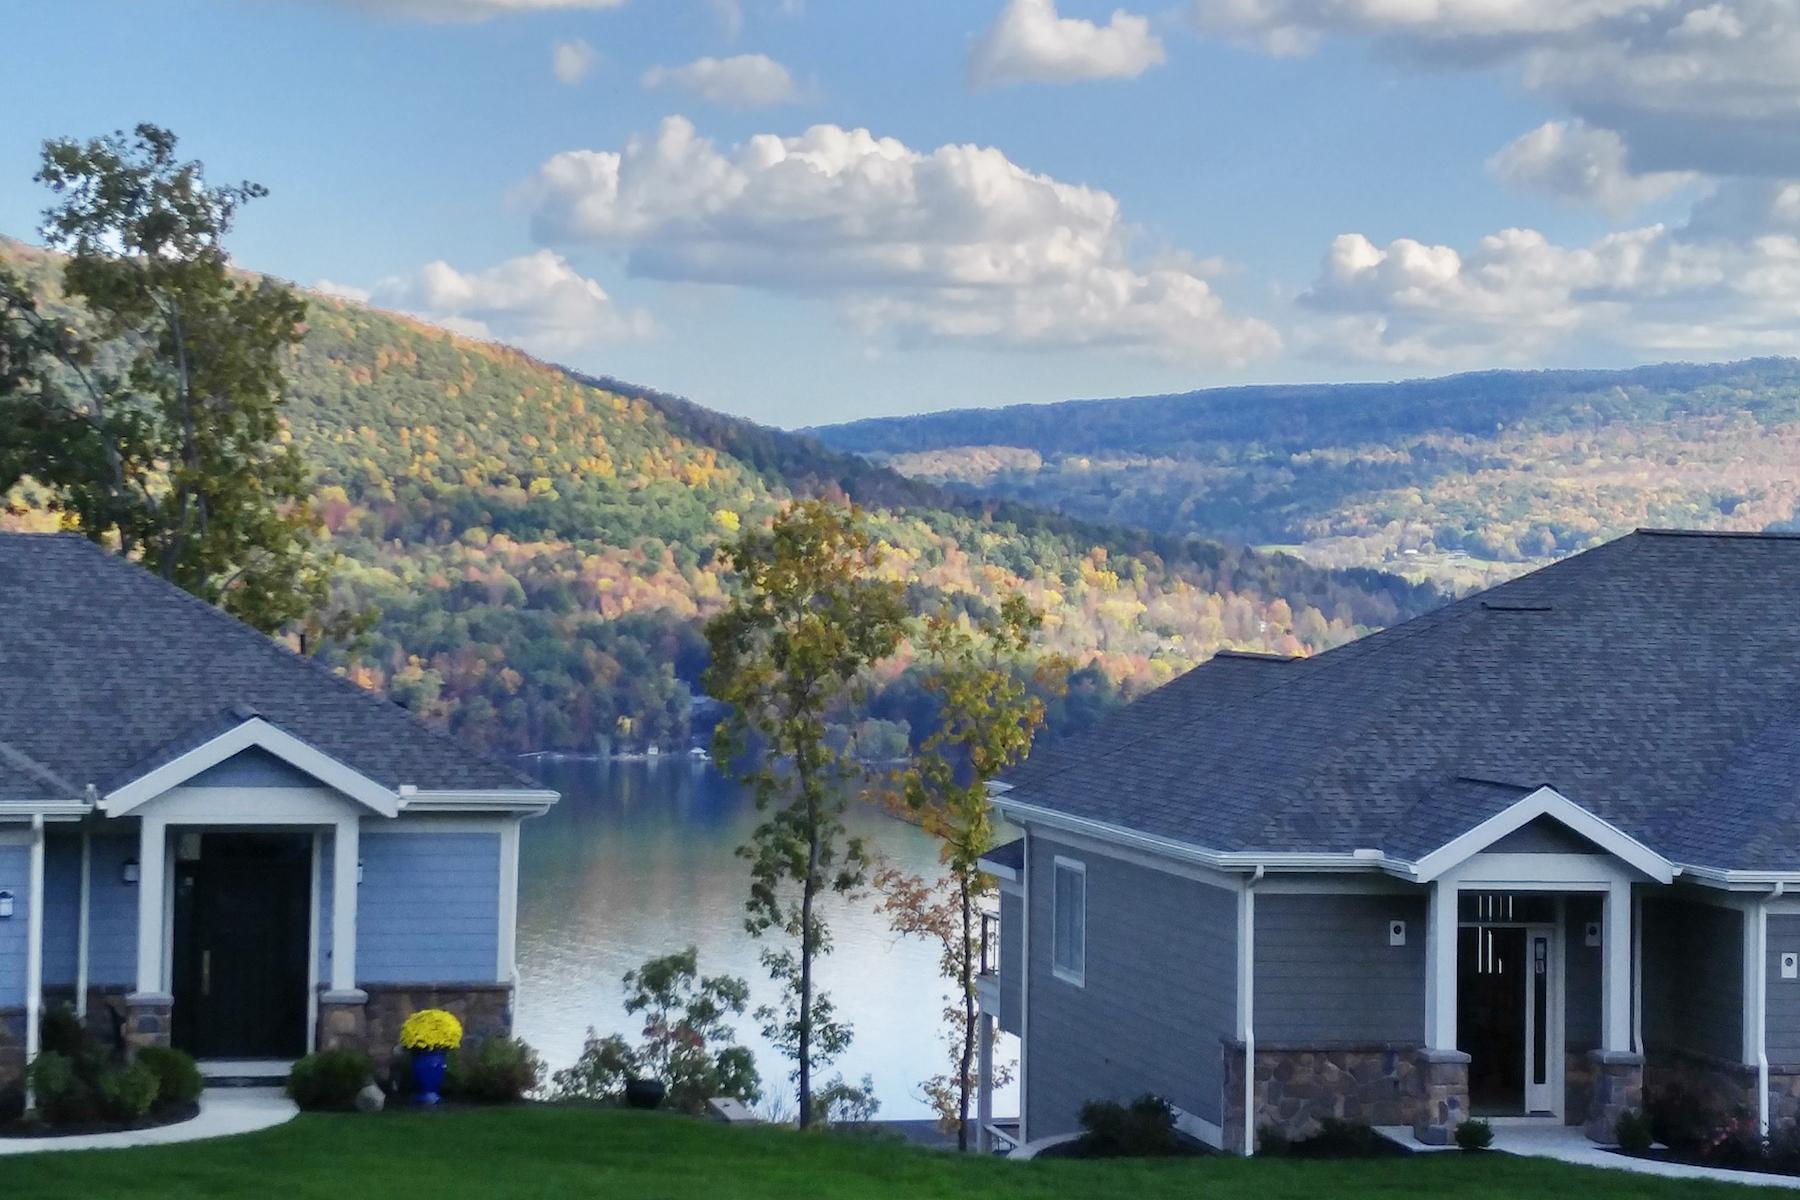 Πολυκατοικία ατομικής ιδιοκτησίας για την Πώληση στο Aerie XI 11A Terrace Drive Canandaigua, Νεα Υορκη 14424 Ηνωμενεσ Πολιτειεσ